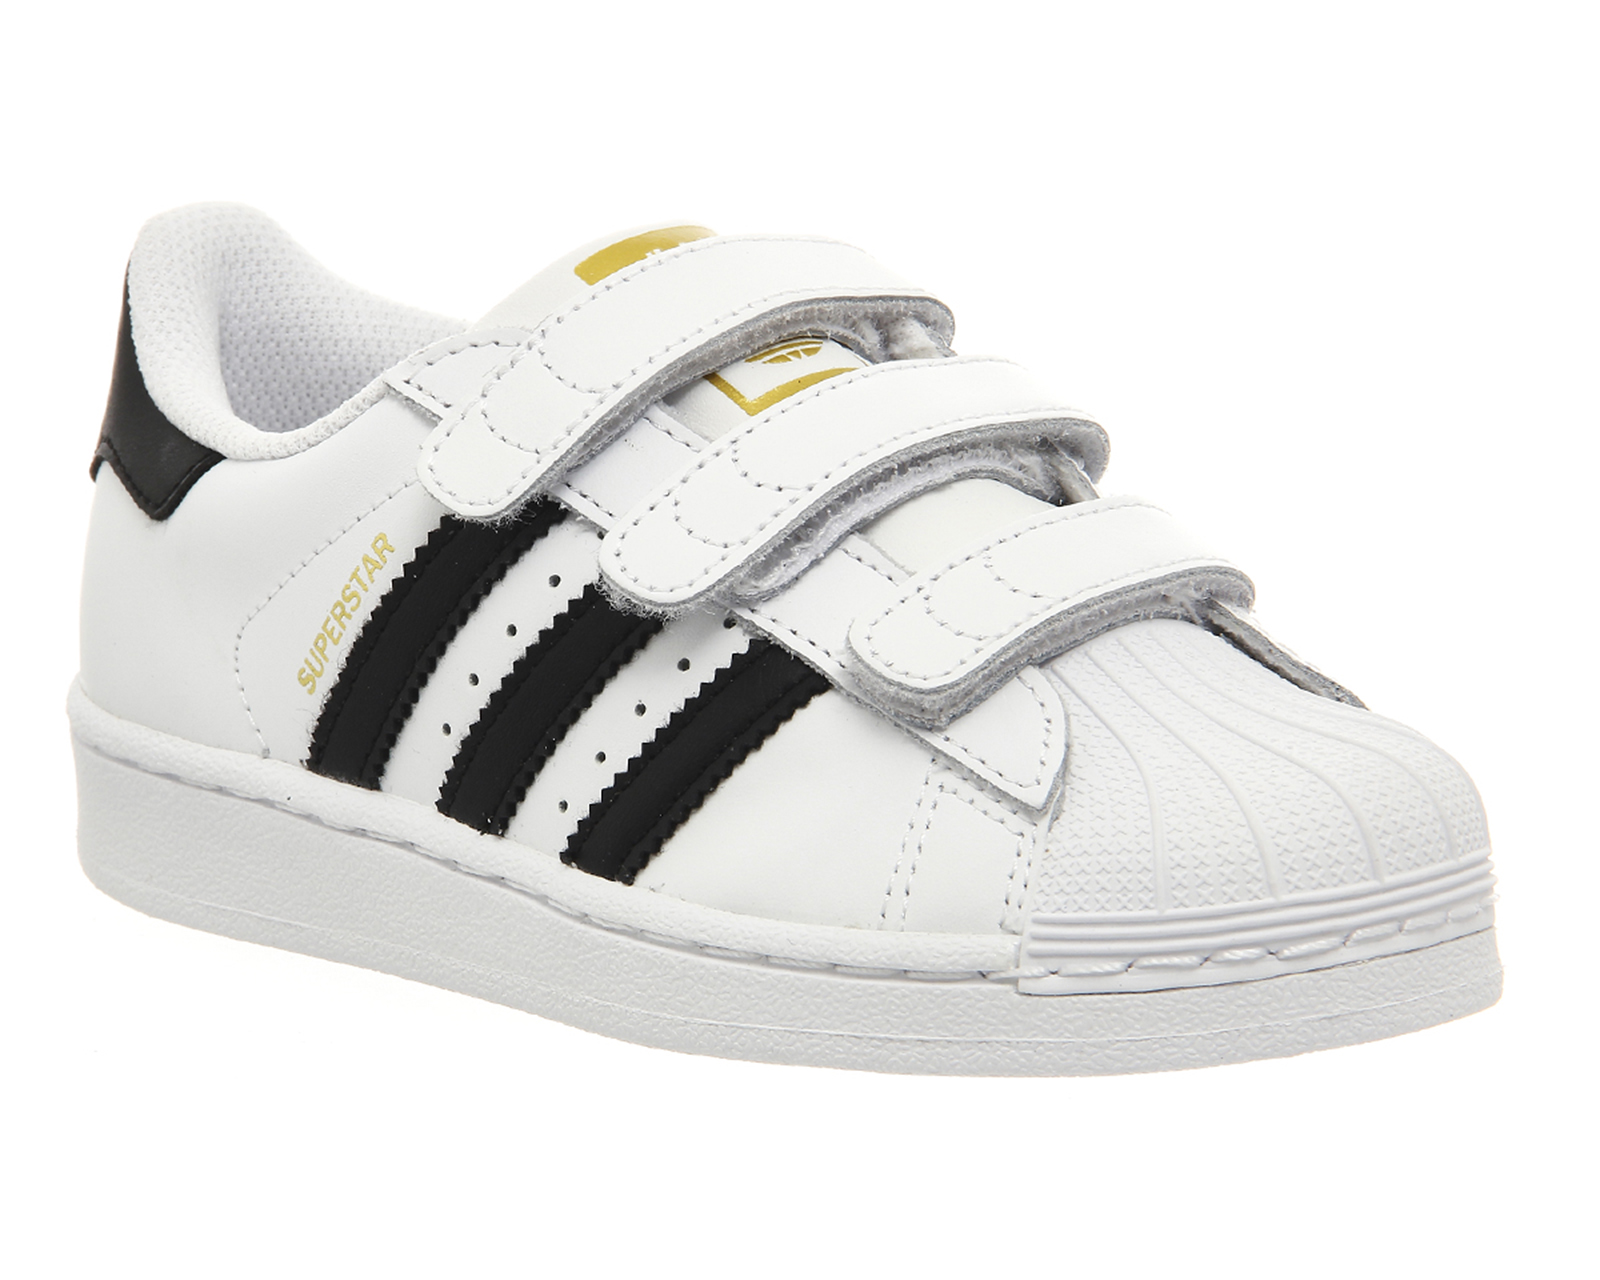 Velcro Boys Adidas Shoes Size